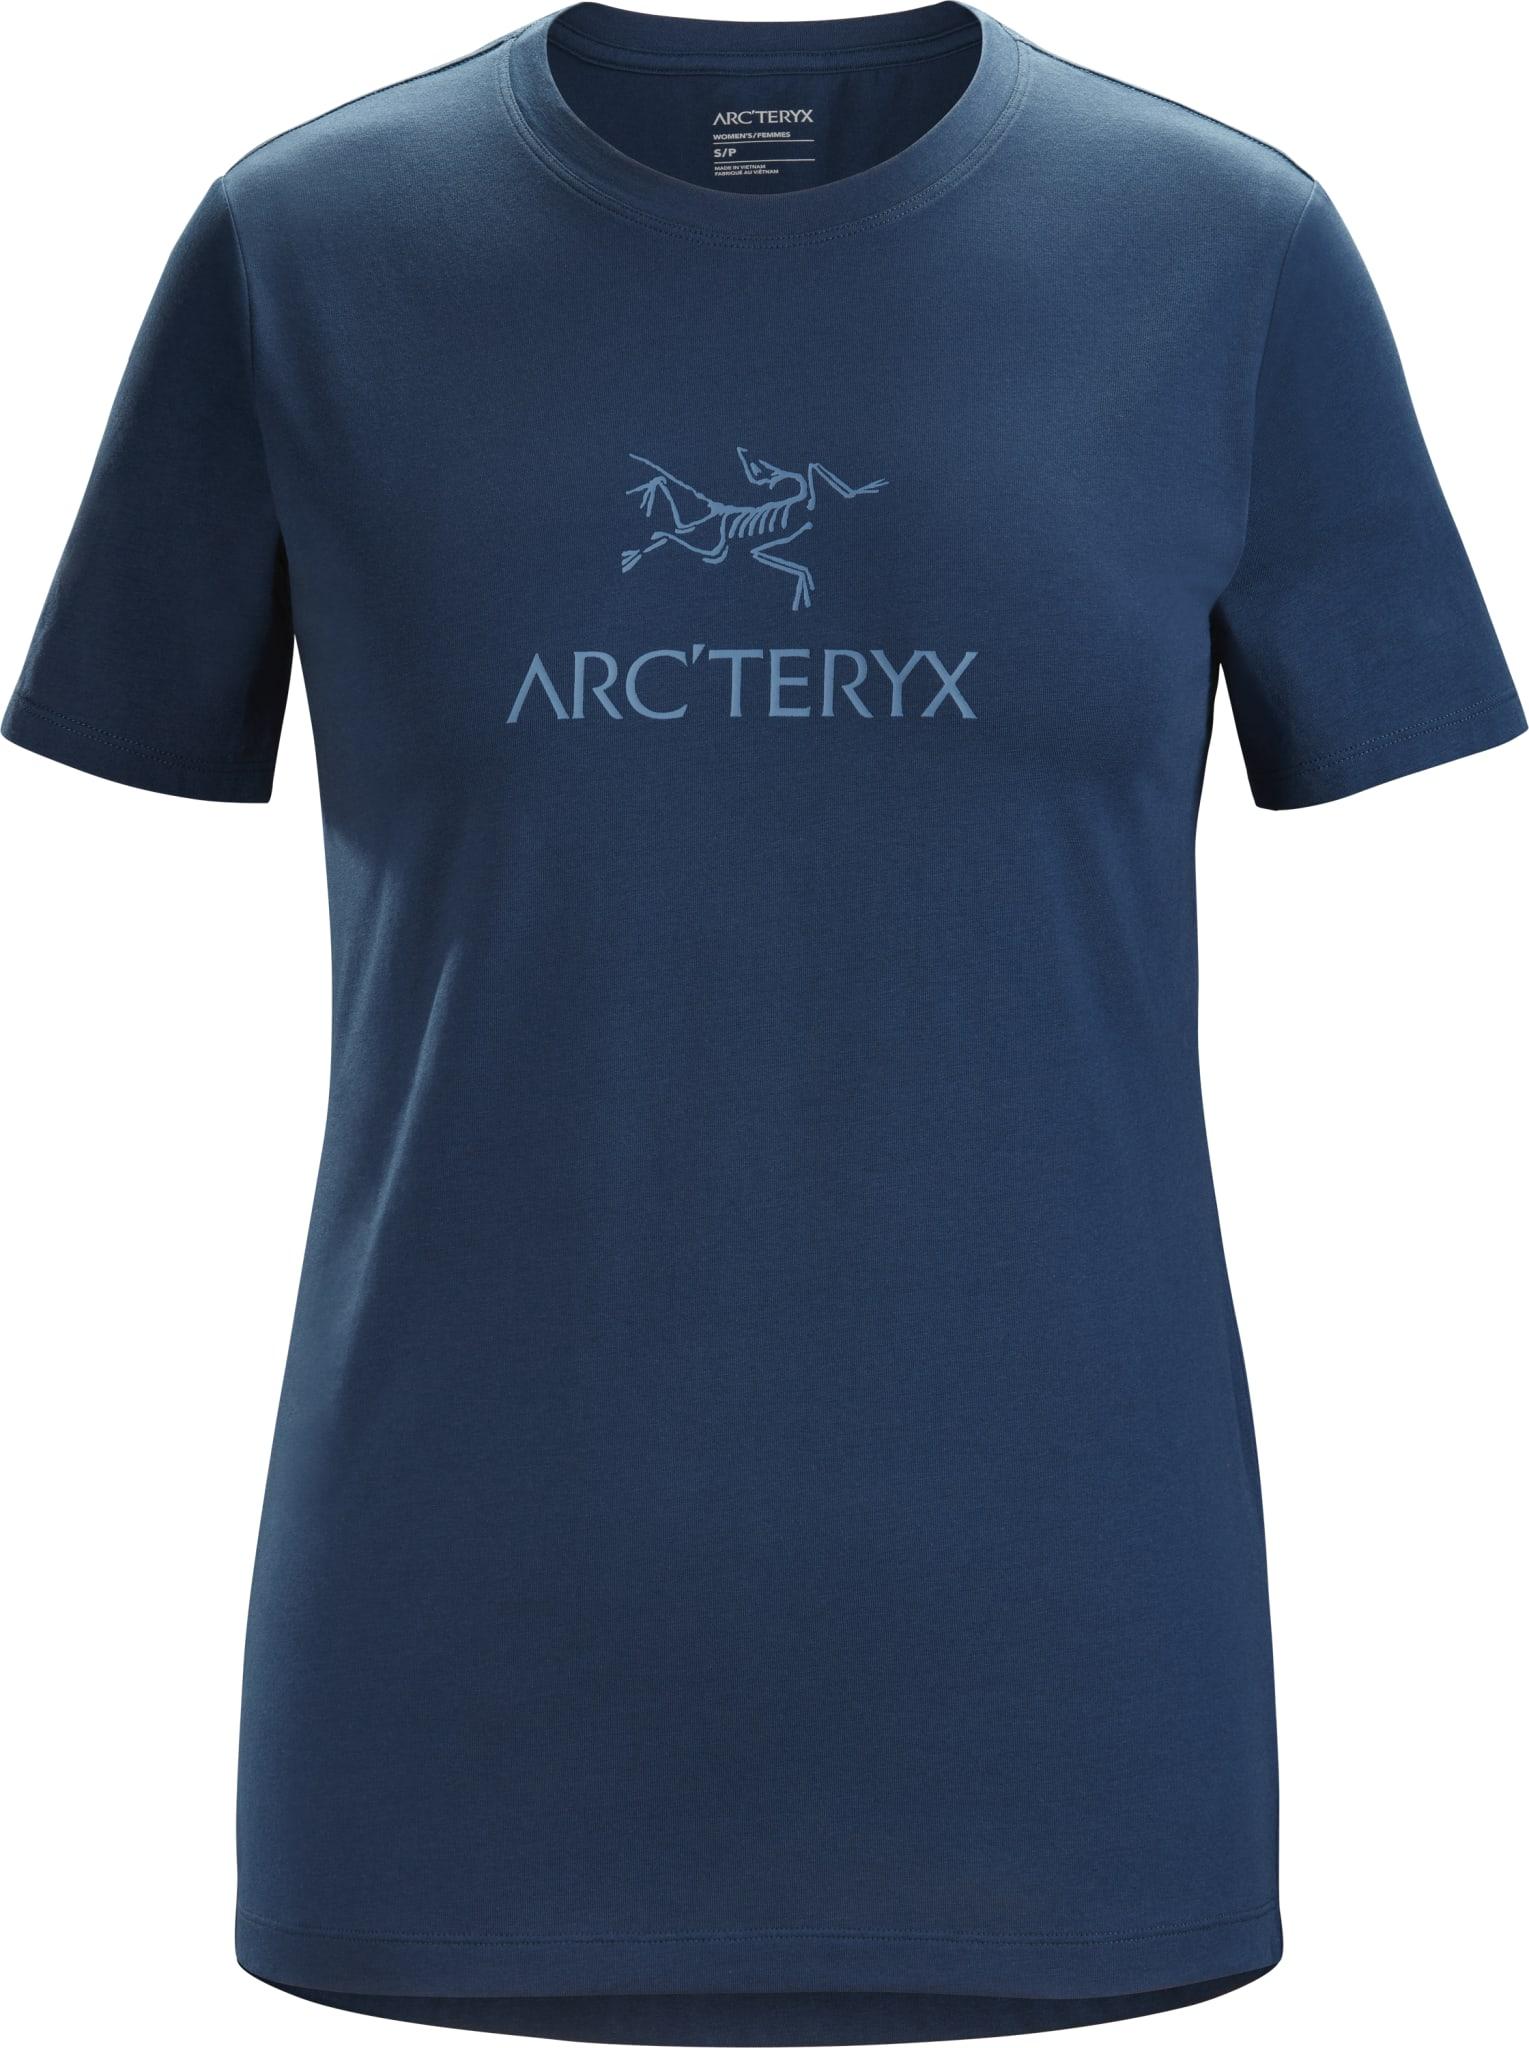 Bomulls t-skjorte med klassisk logo og god passform